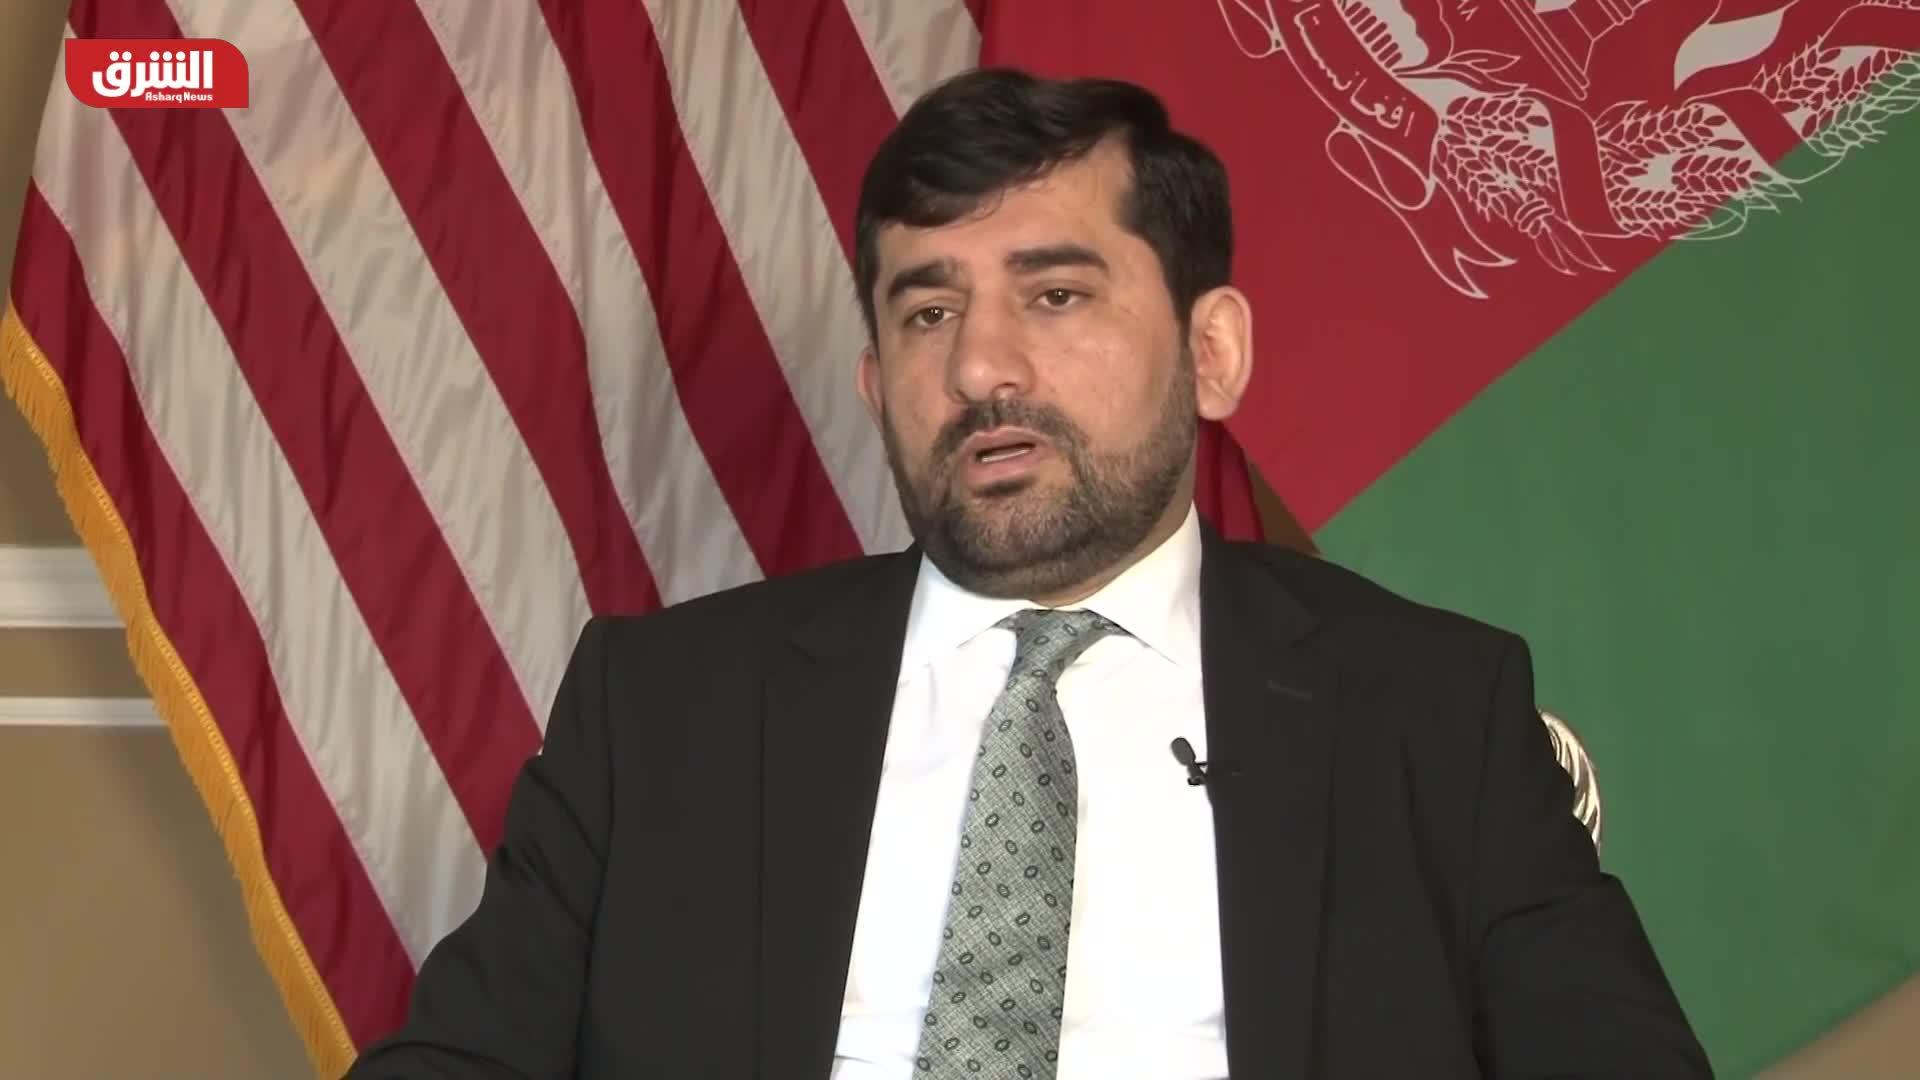 موظفو السفارة الأفغانية في واشنطن يترقبون مصيرهم